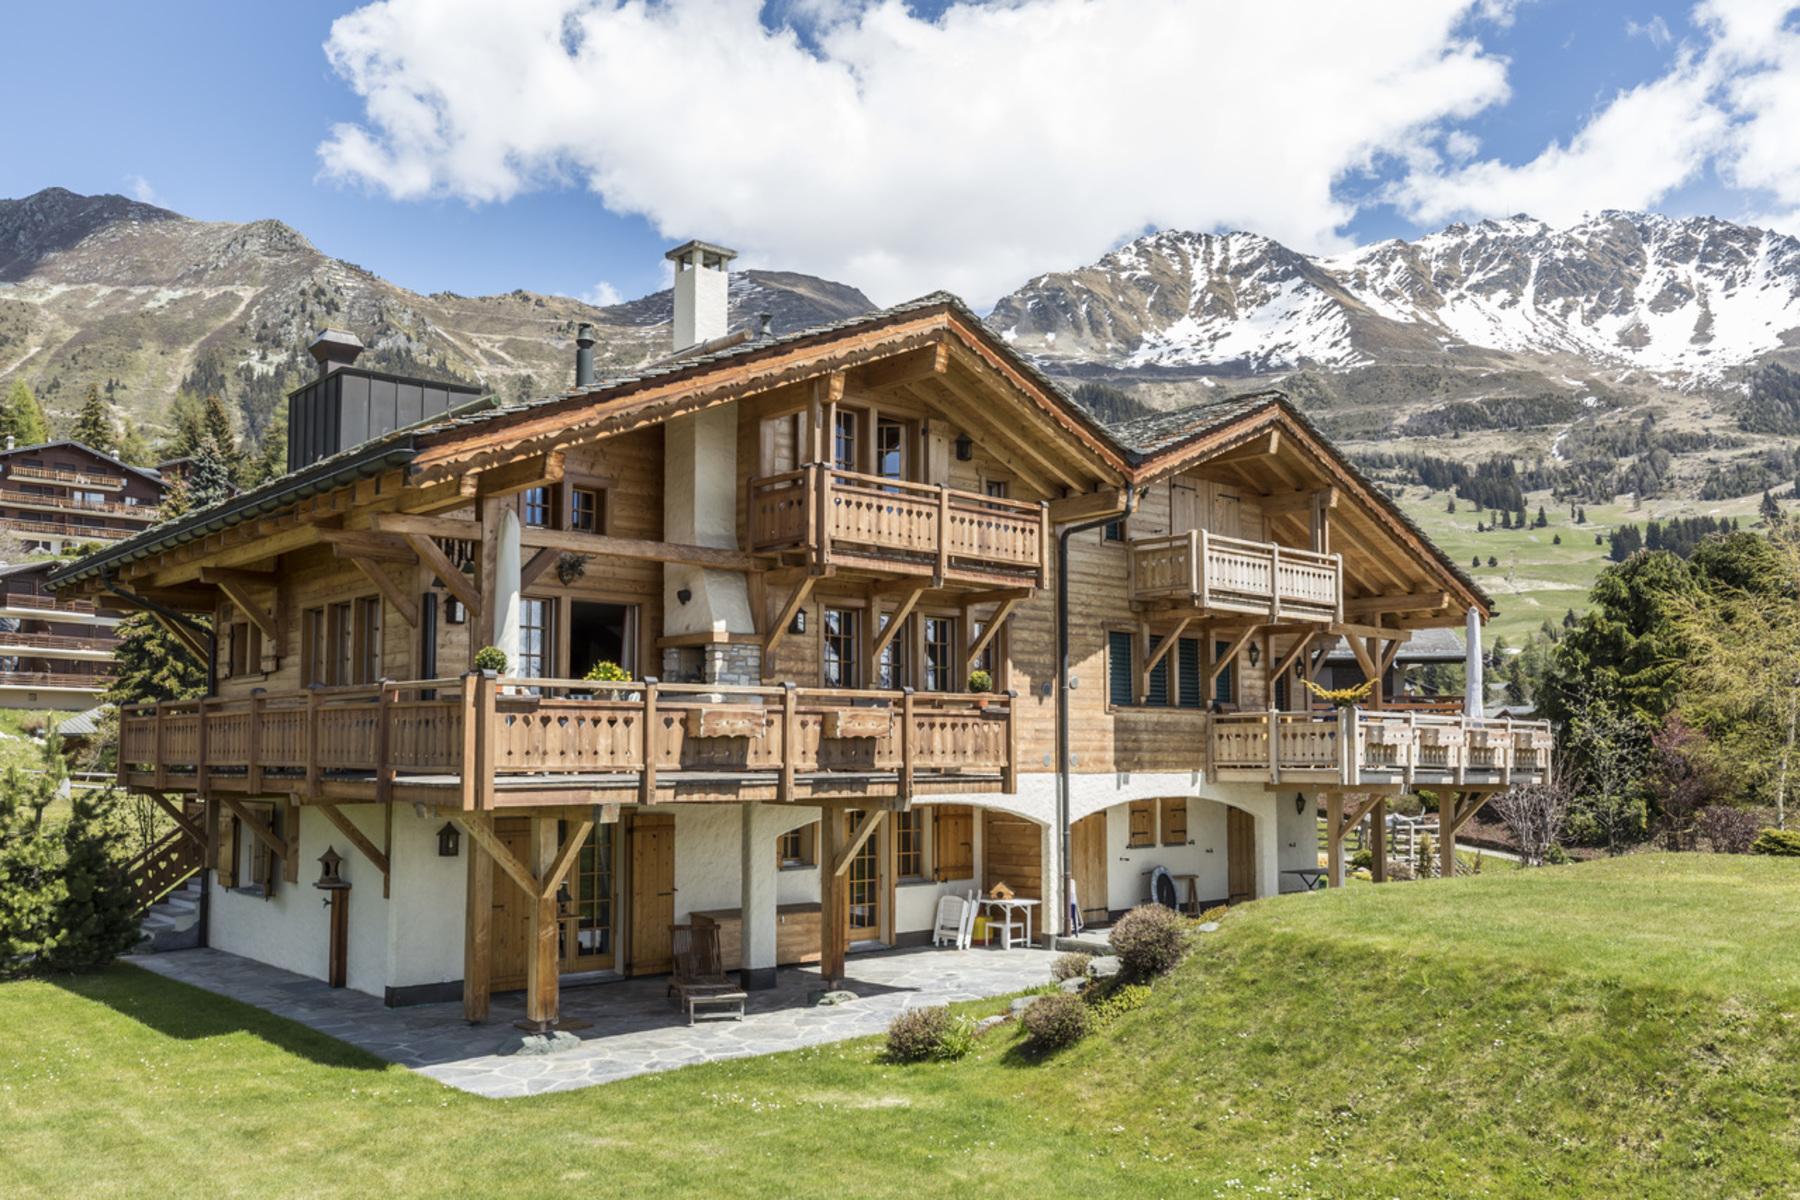 独户住宅 为 销售 在 Chalet MUSARAIGNE Verbier, 韦尔比耶, 瓦莱州, 1936 瑞士